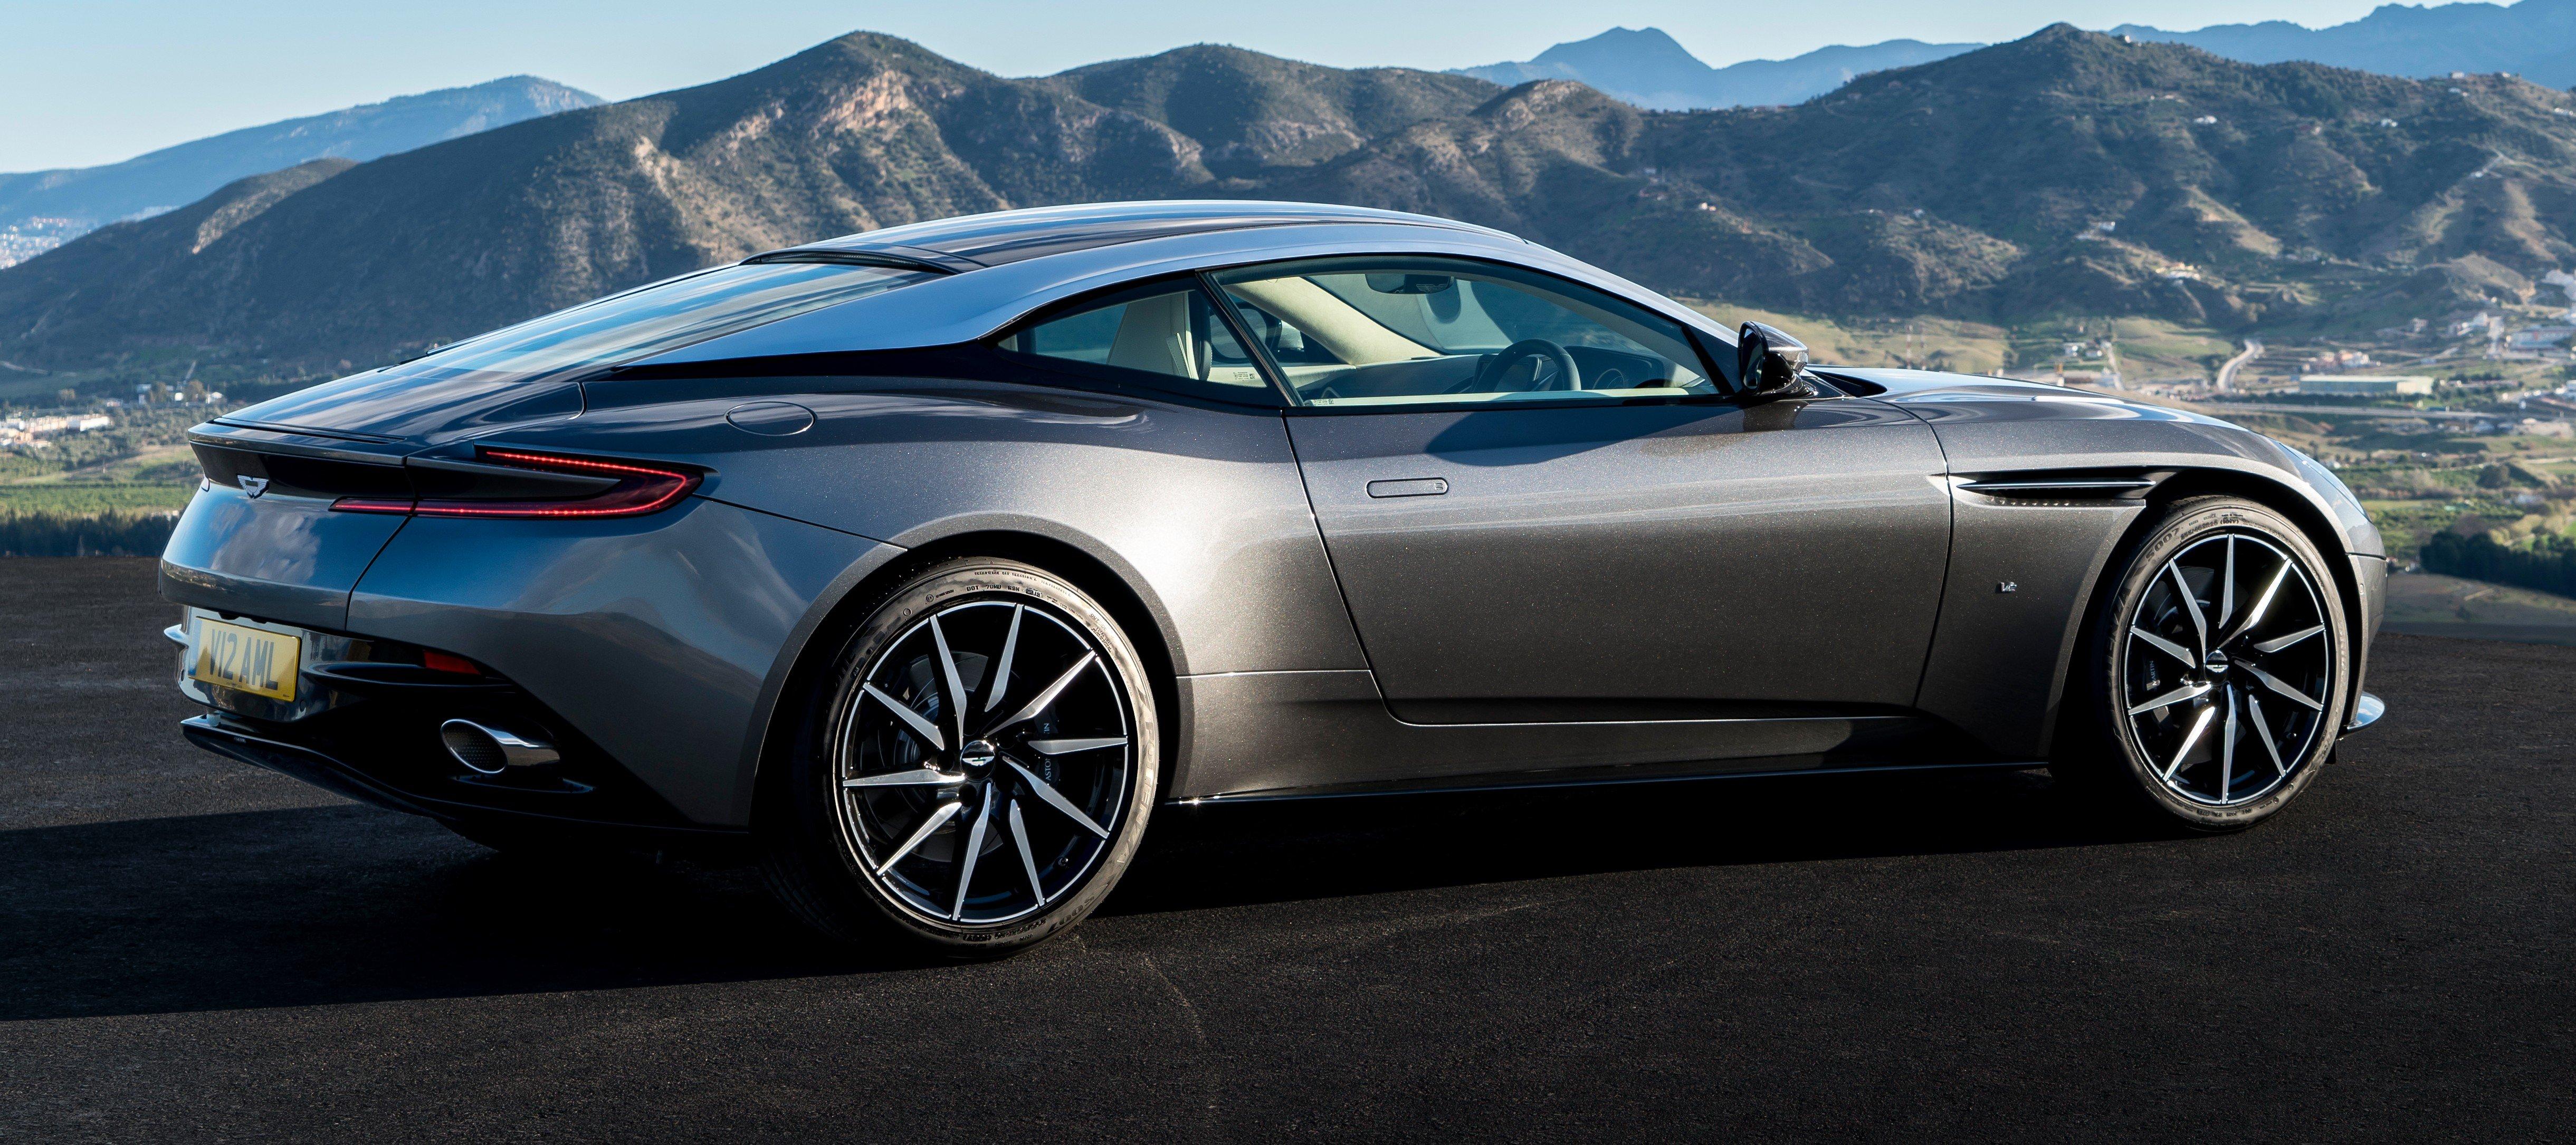 Aston Martin Db11 Breaks Cover In Geneva New 5 2 Litre